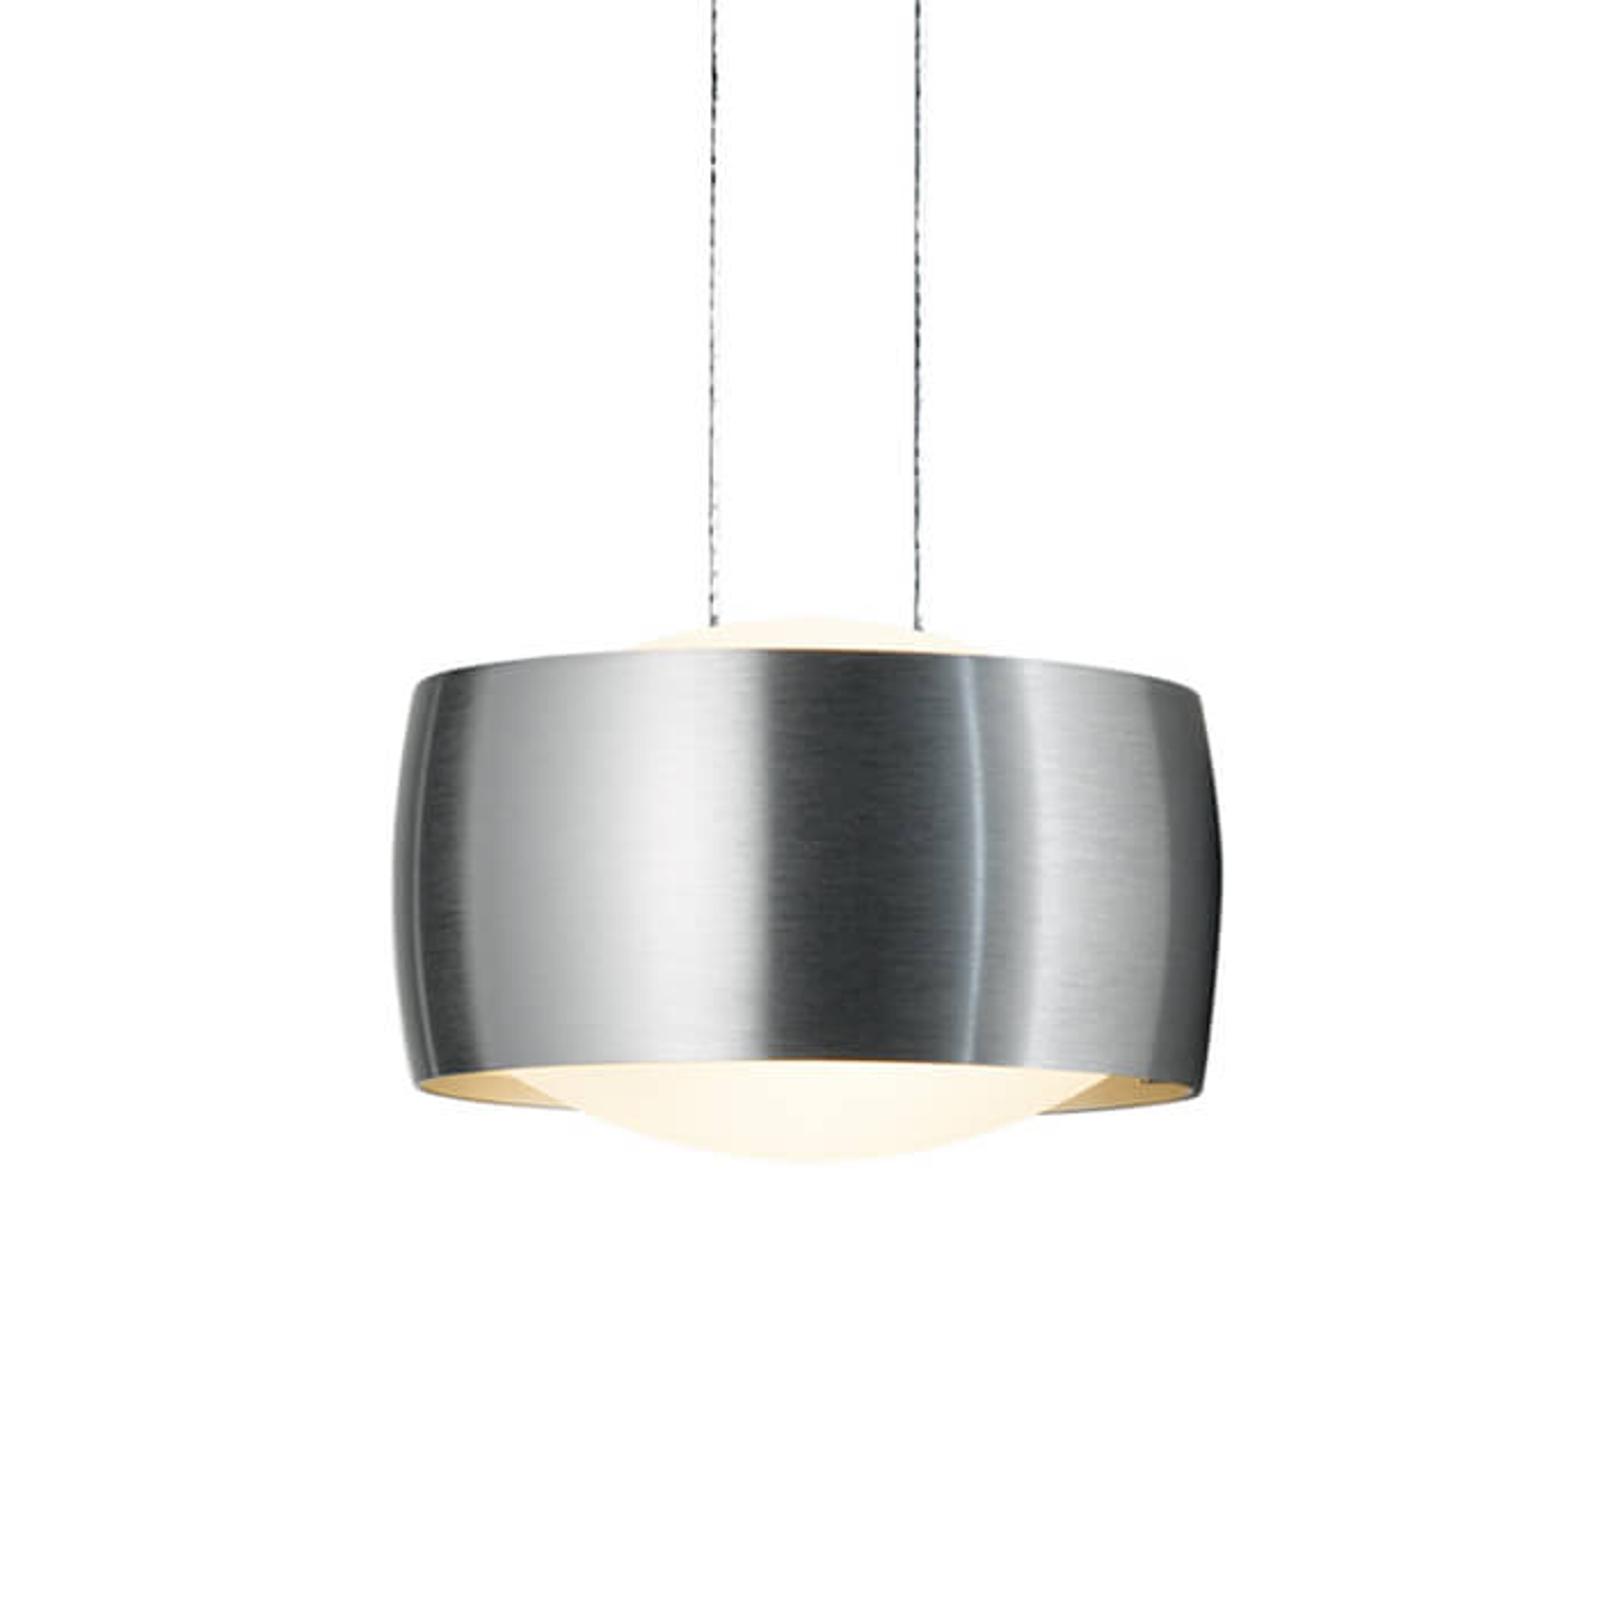 OLIGO Grace LED-Hängeleuchte 1flg. aluminium